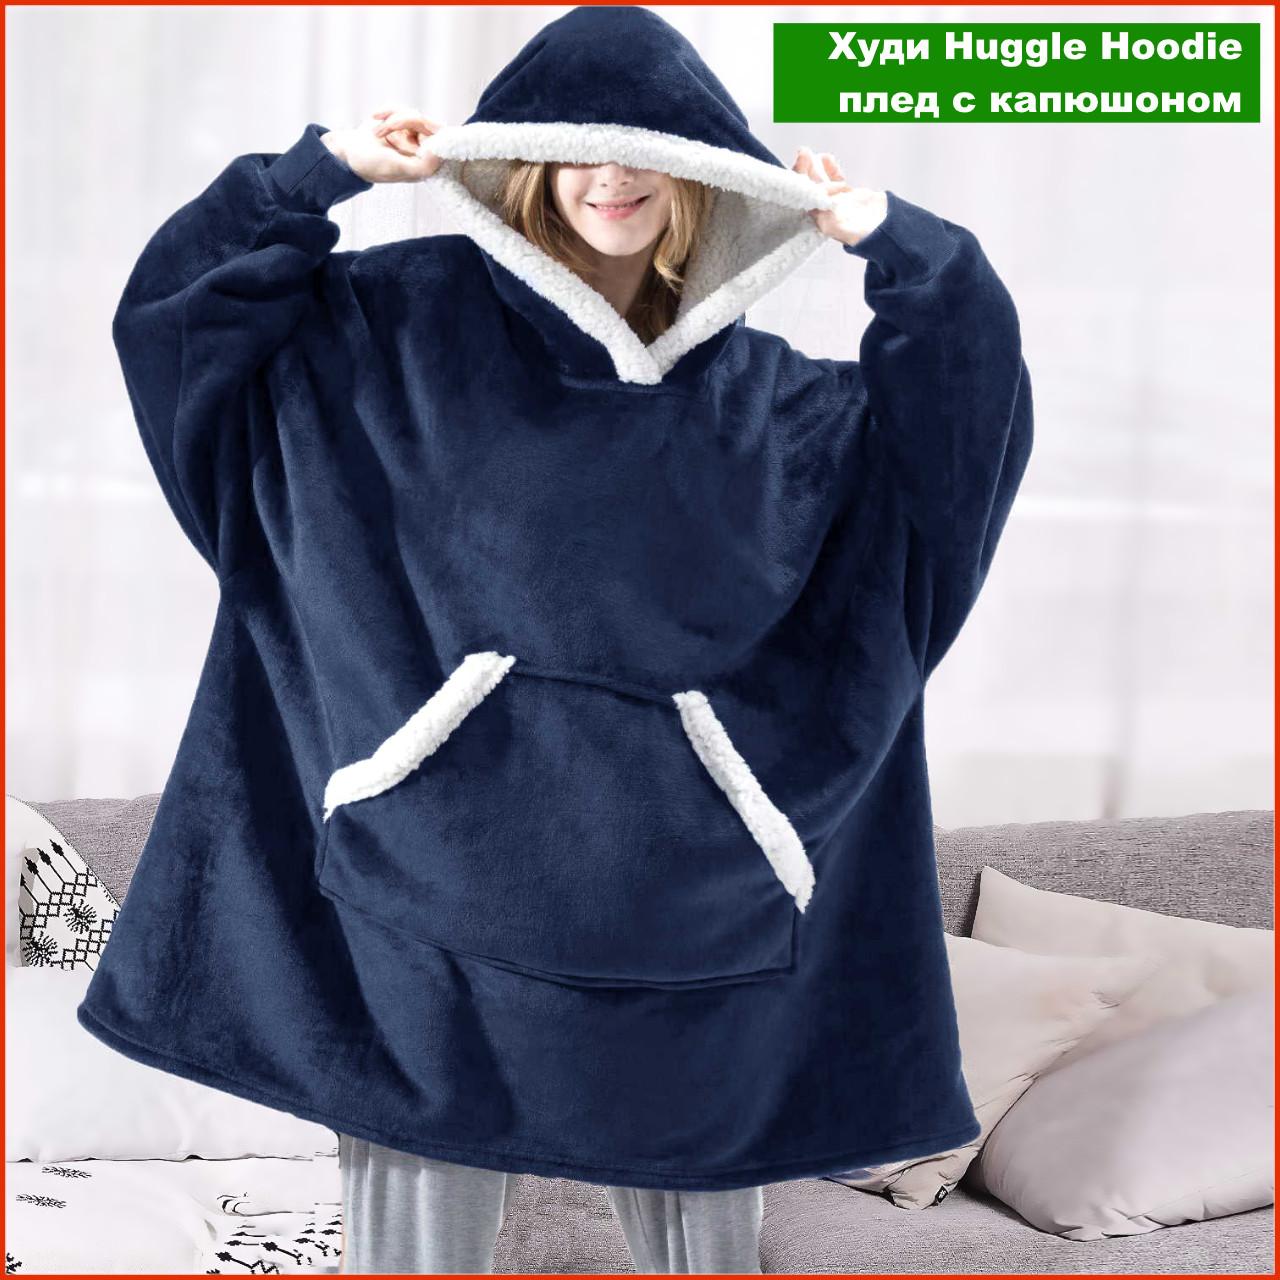 Плед толстовка двухсторонняя Huggle Hoodie халат с капюшоном и рукавами